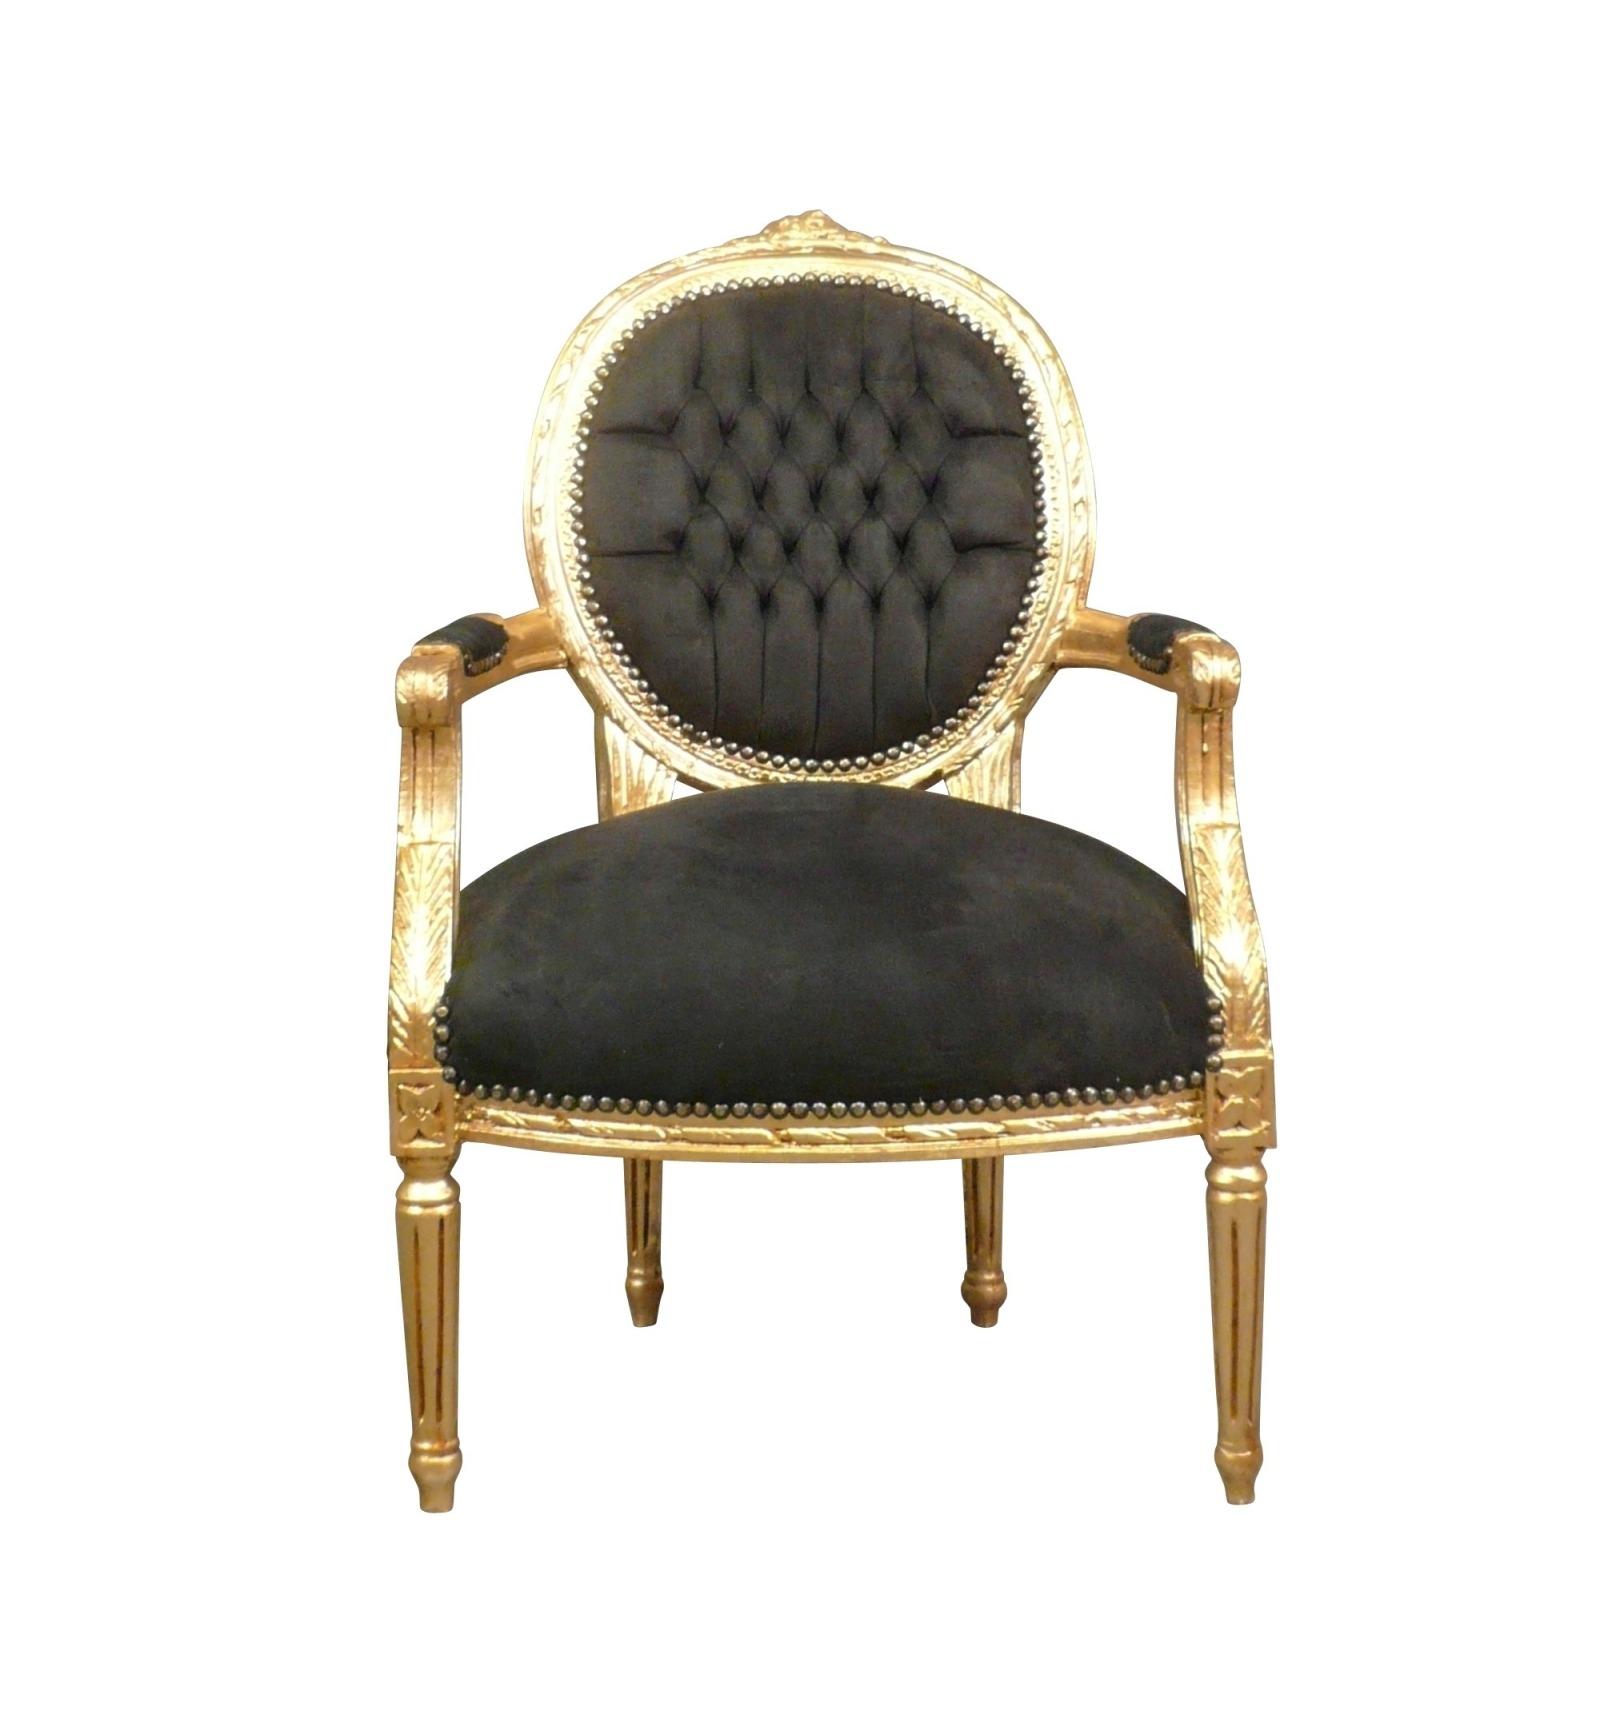 Fauteuil Louis XVI Noir Et Bois Doré HTDECO - Fauteuil louis xvi